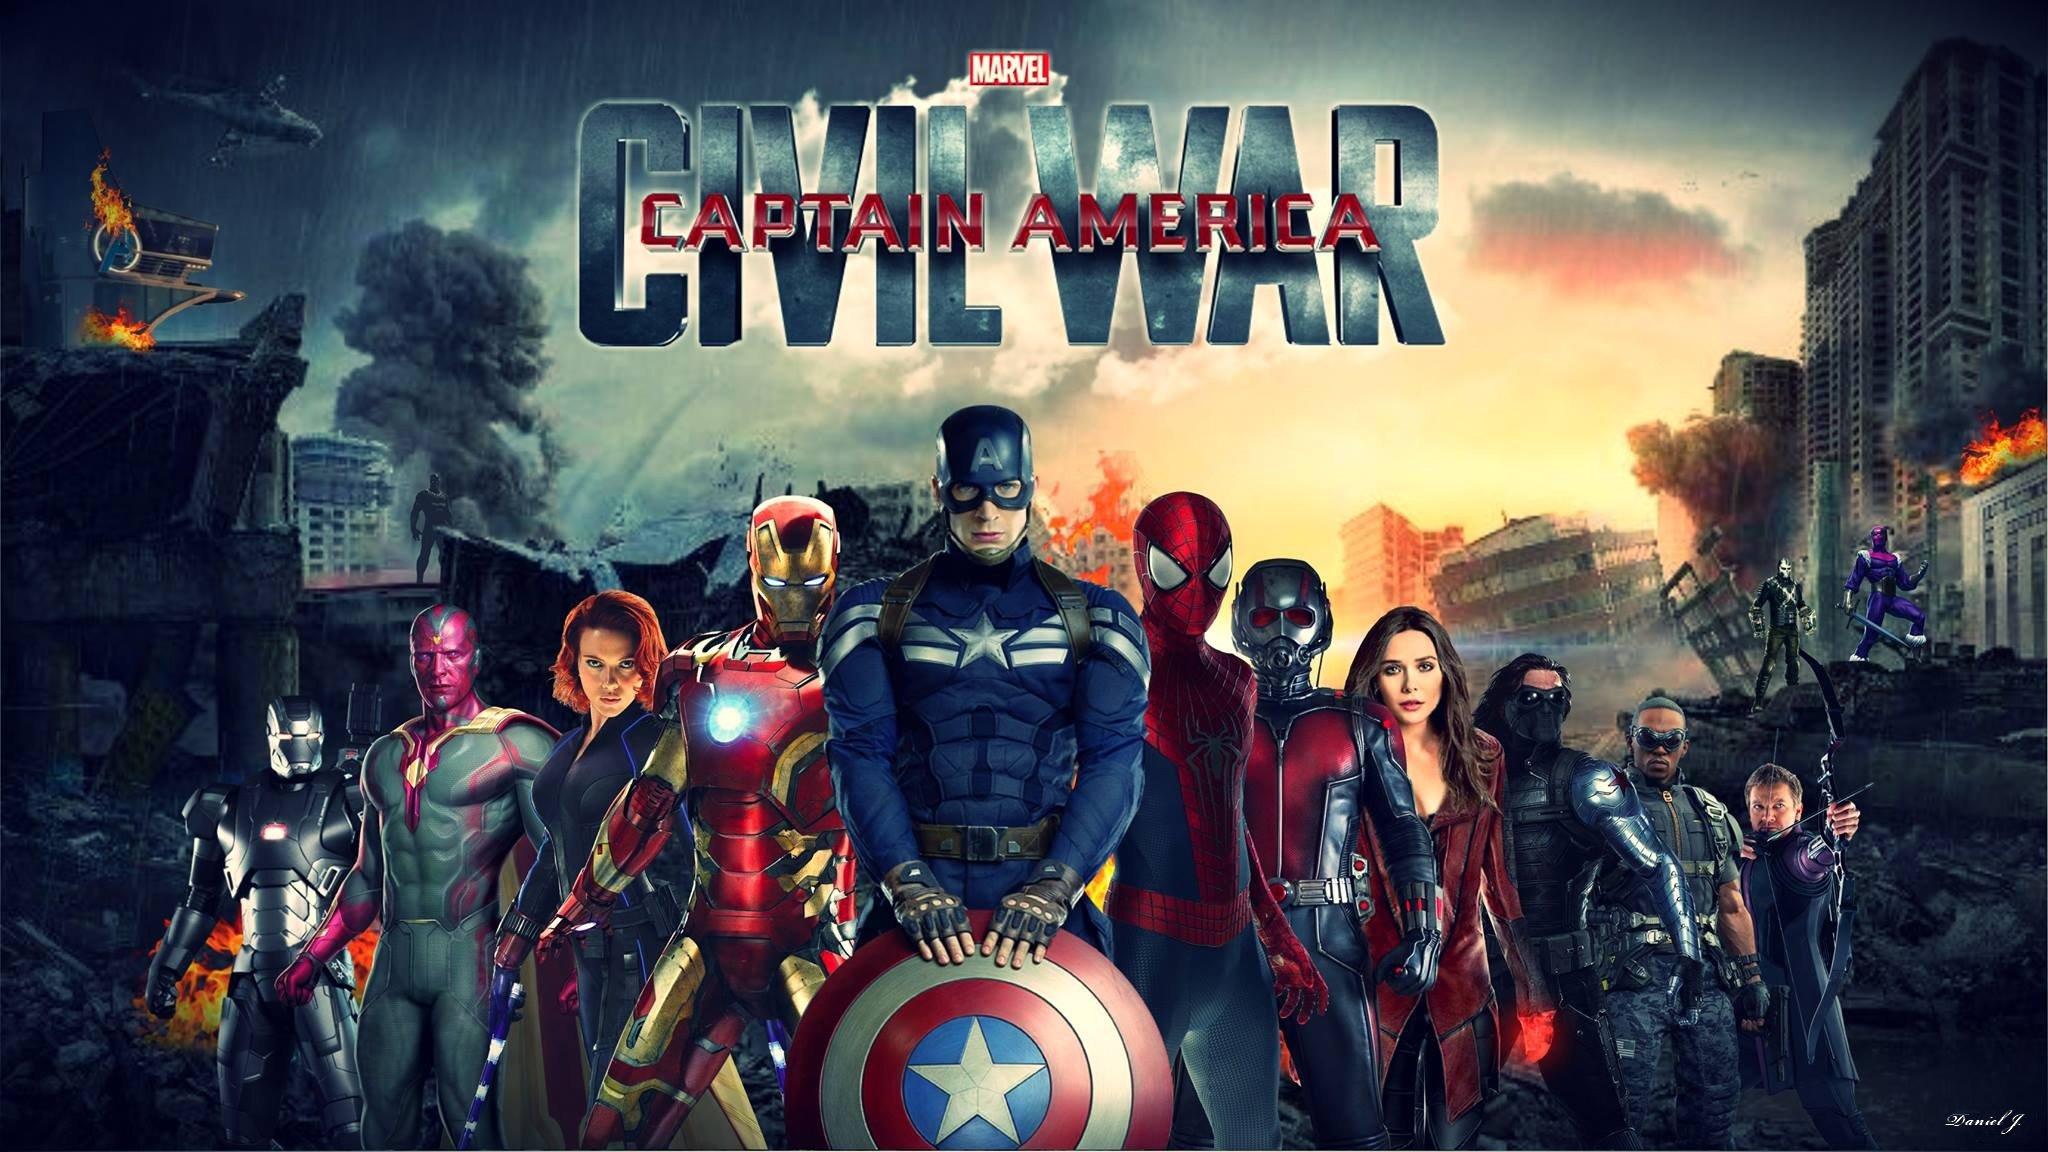 Captain America Civil War HD Wallpapers 2048x1152